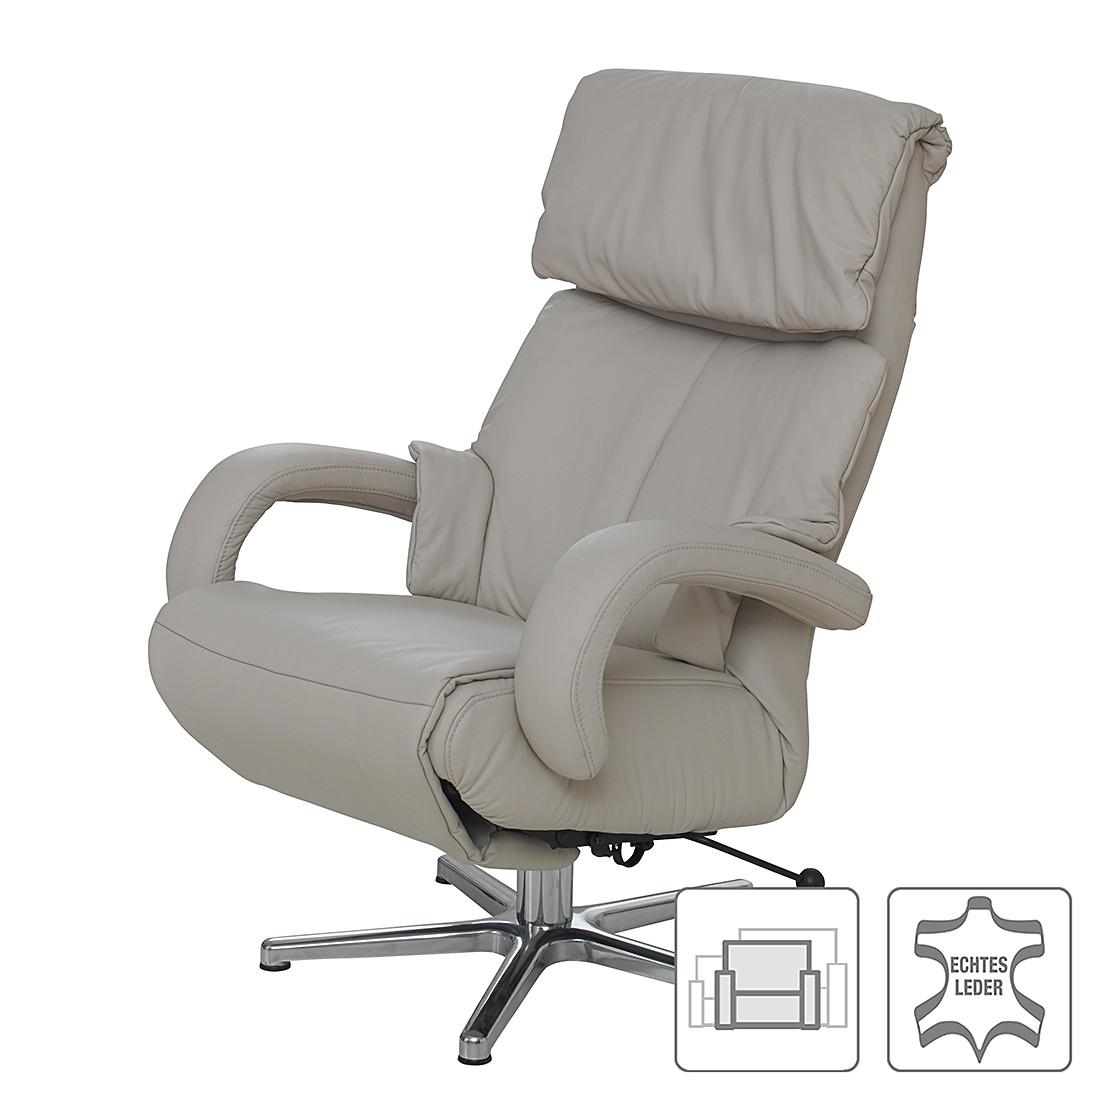 Fauteuil de relaxation Shuttle - Cuir véritable Gris - Réglage mécanique - M = jusqu'à 170 cm, trend